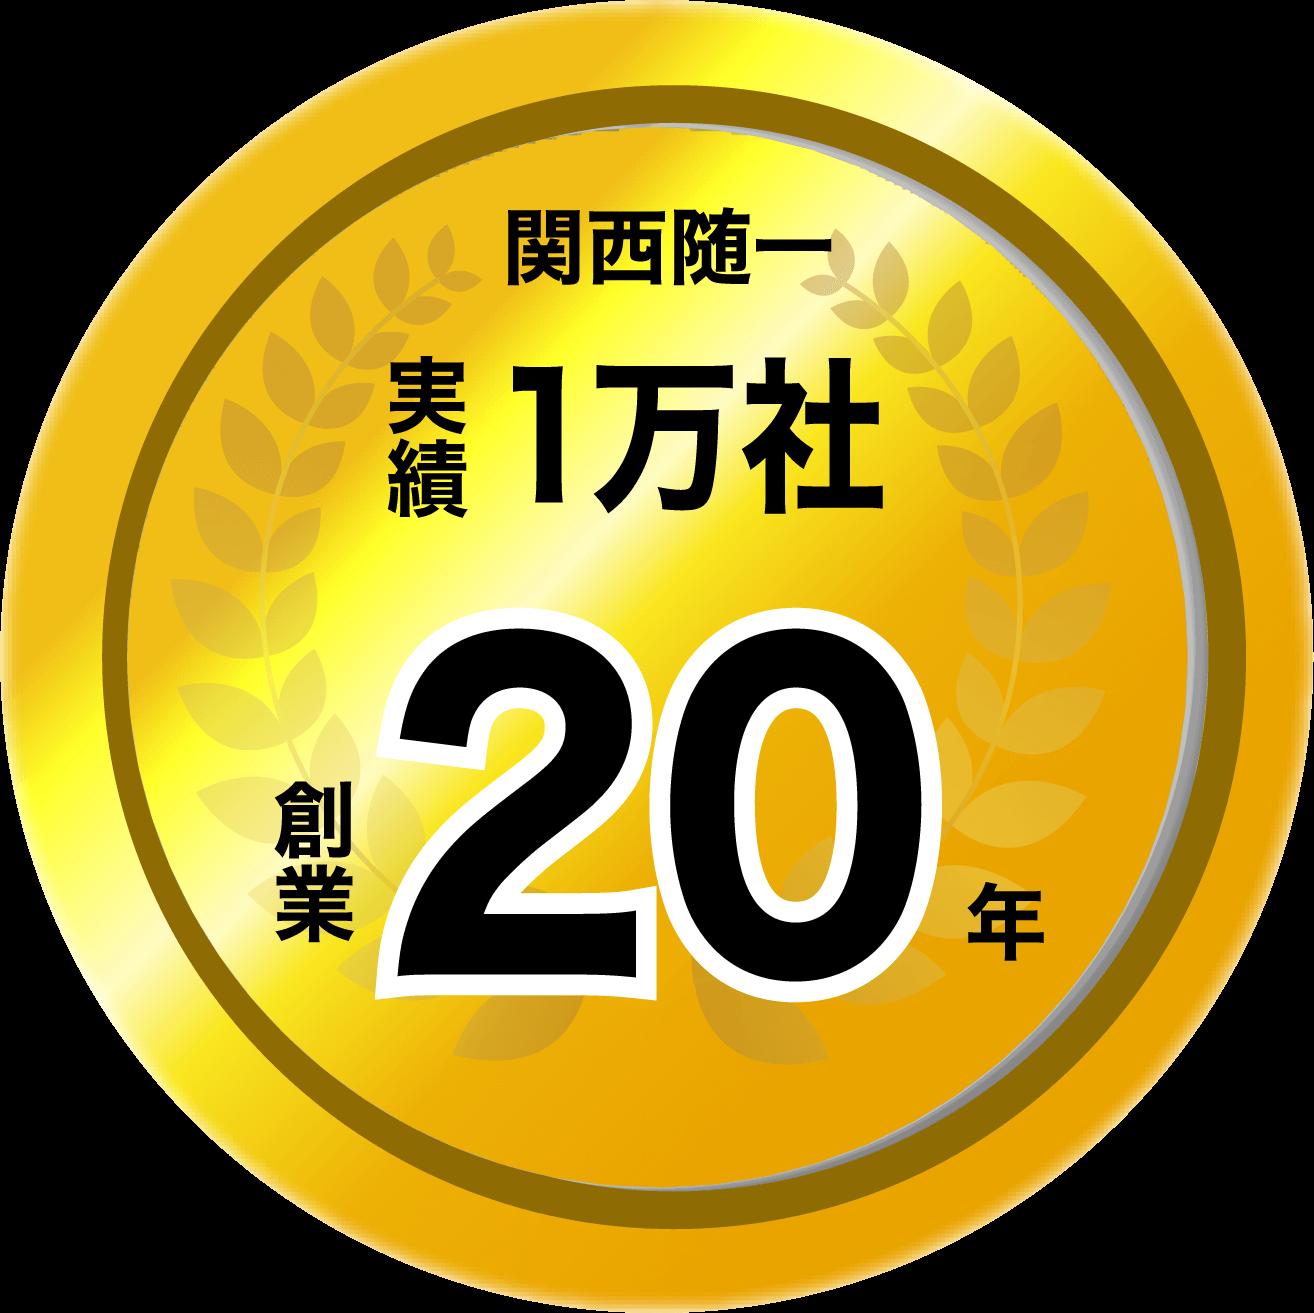 関西随一 実績一万社 創業20年